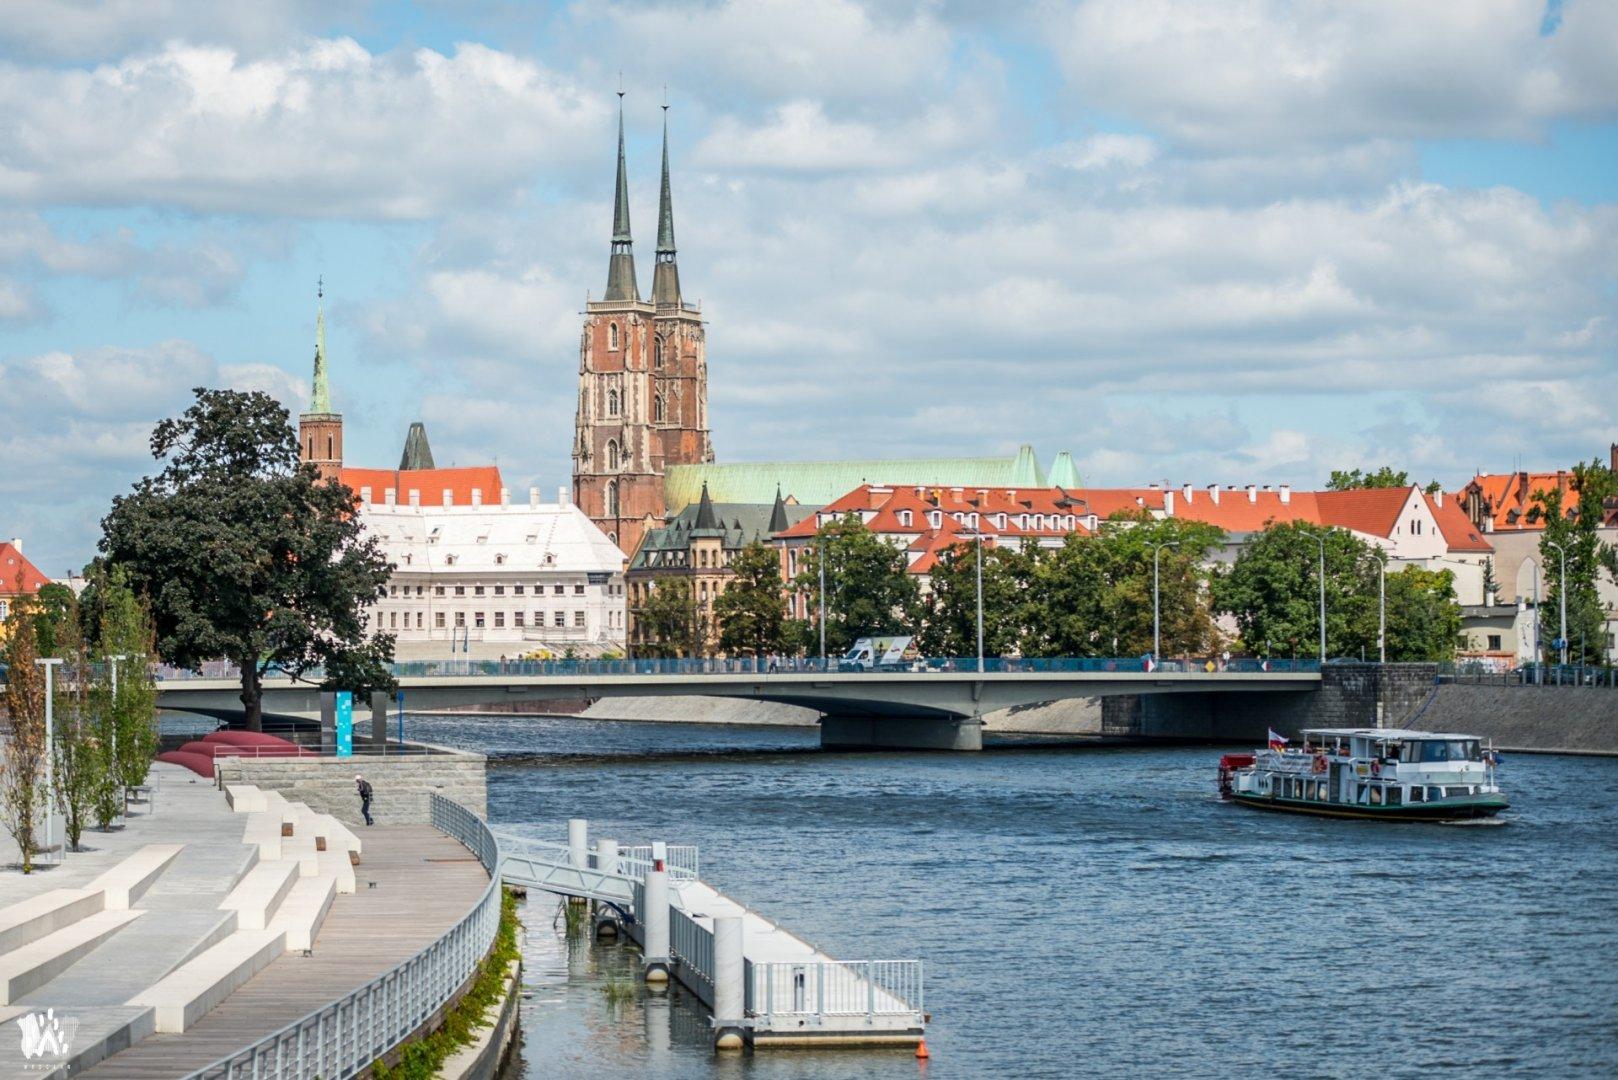 ABCs of Wroclaw & Krakow